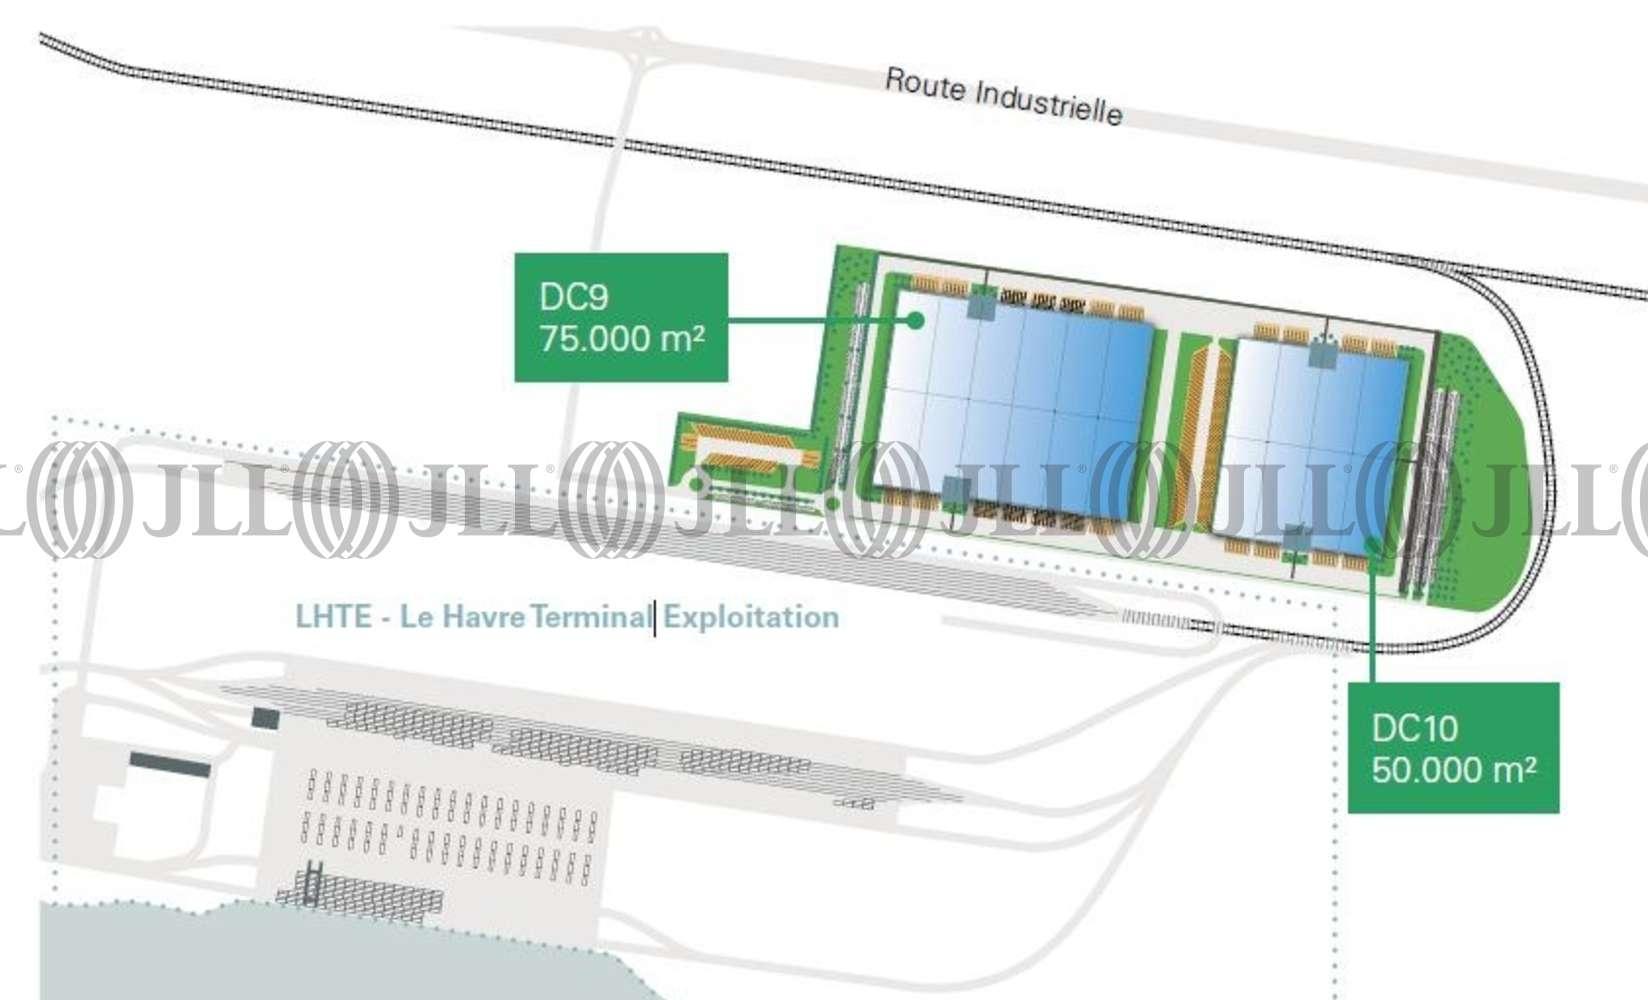 Plateformes logistiques St vigor d ymonville, 76430 - DC 10 - 10898537